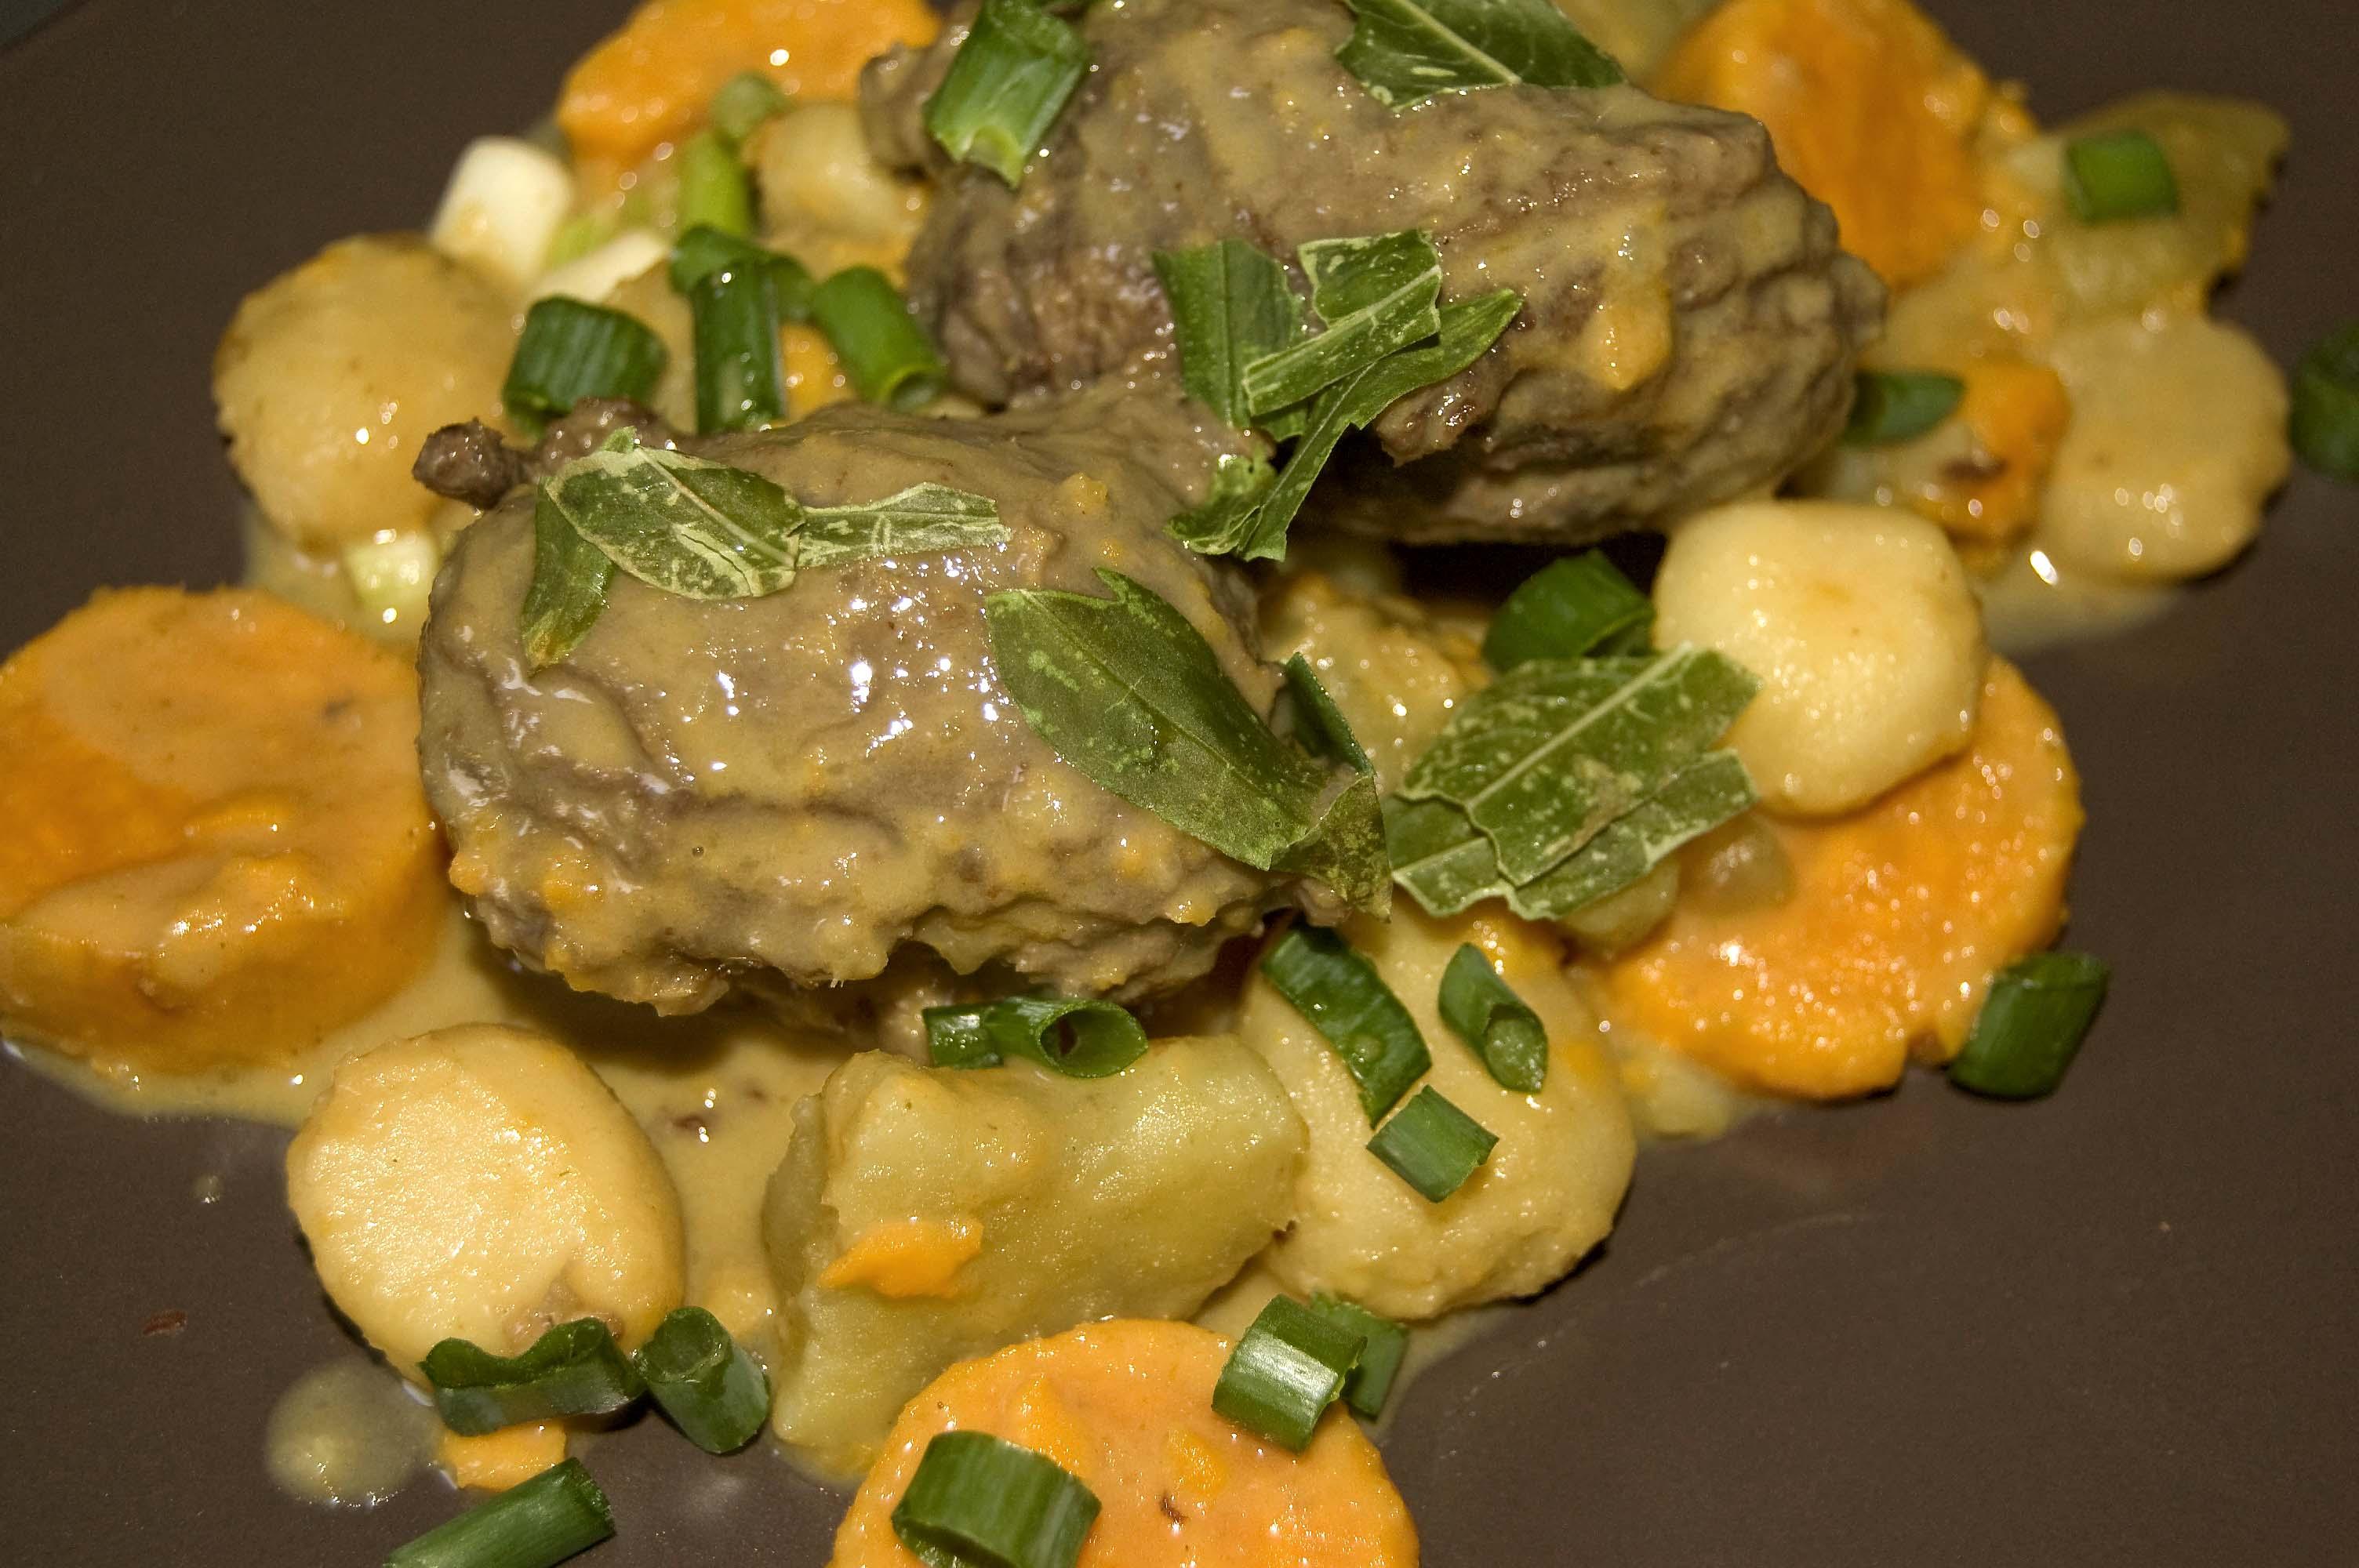 Joues de boeuf aux patates douces par saint maux - Cuisiner des joues de boeuf ...